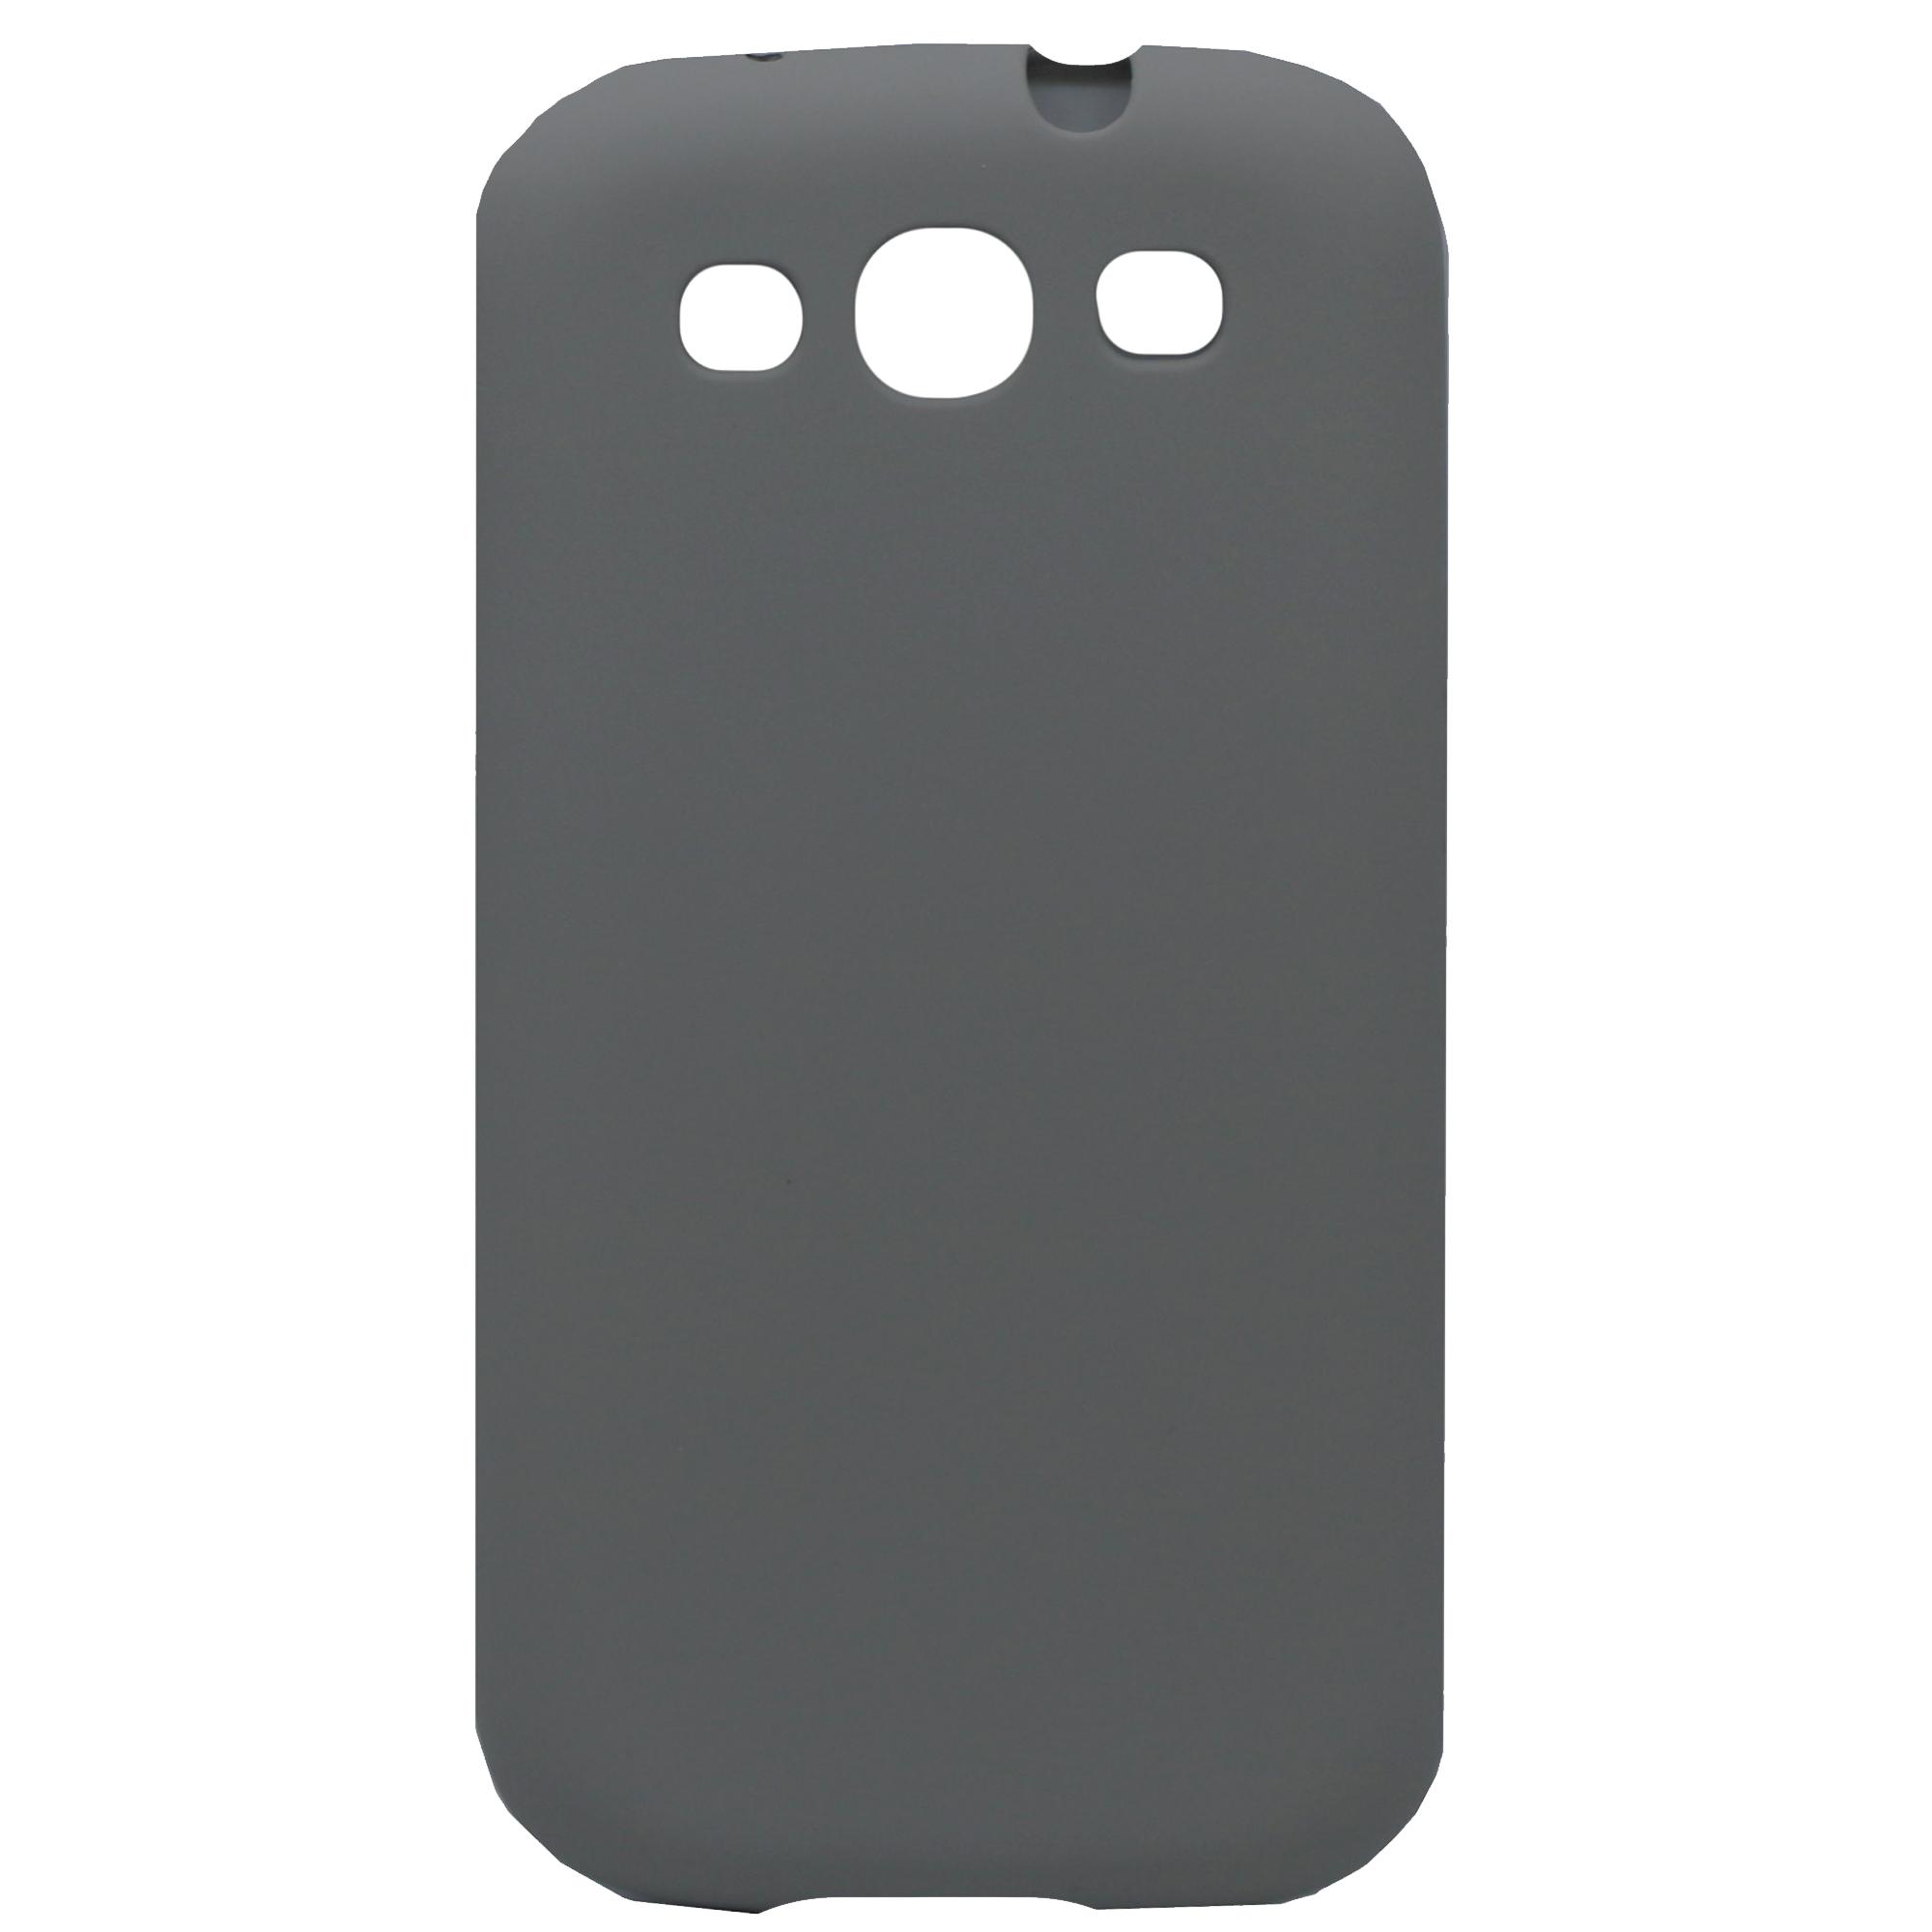 کاور مدل G-1 مناسب برای گوشی موبایل سامسونگ Galaxy S3